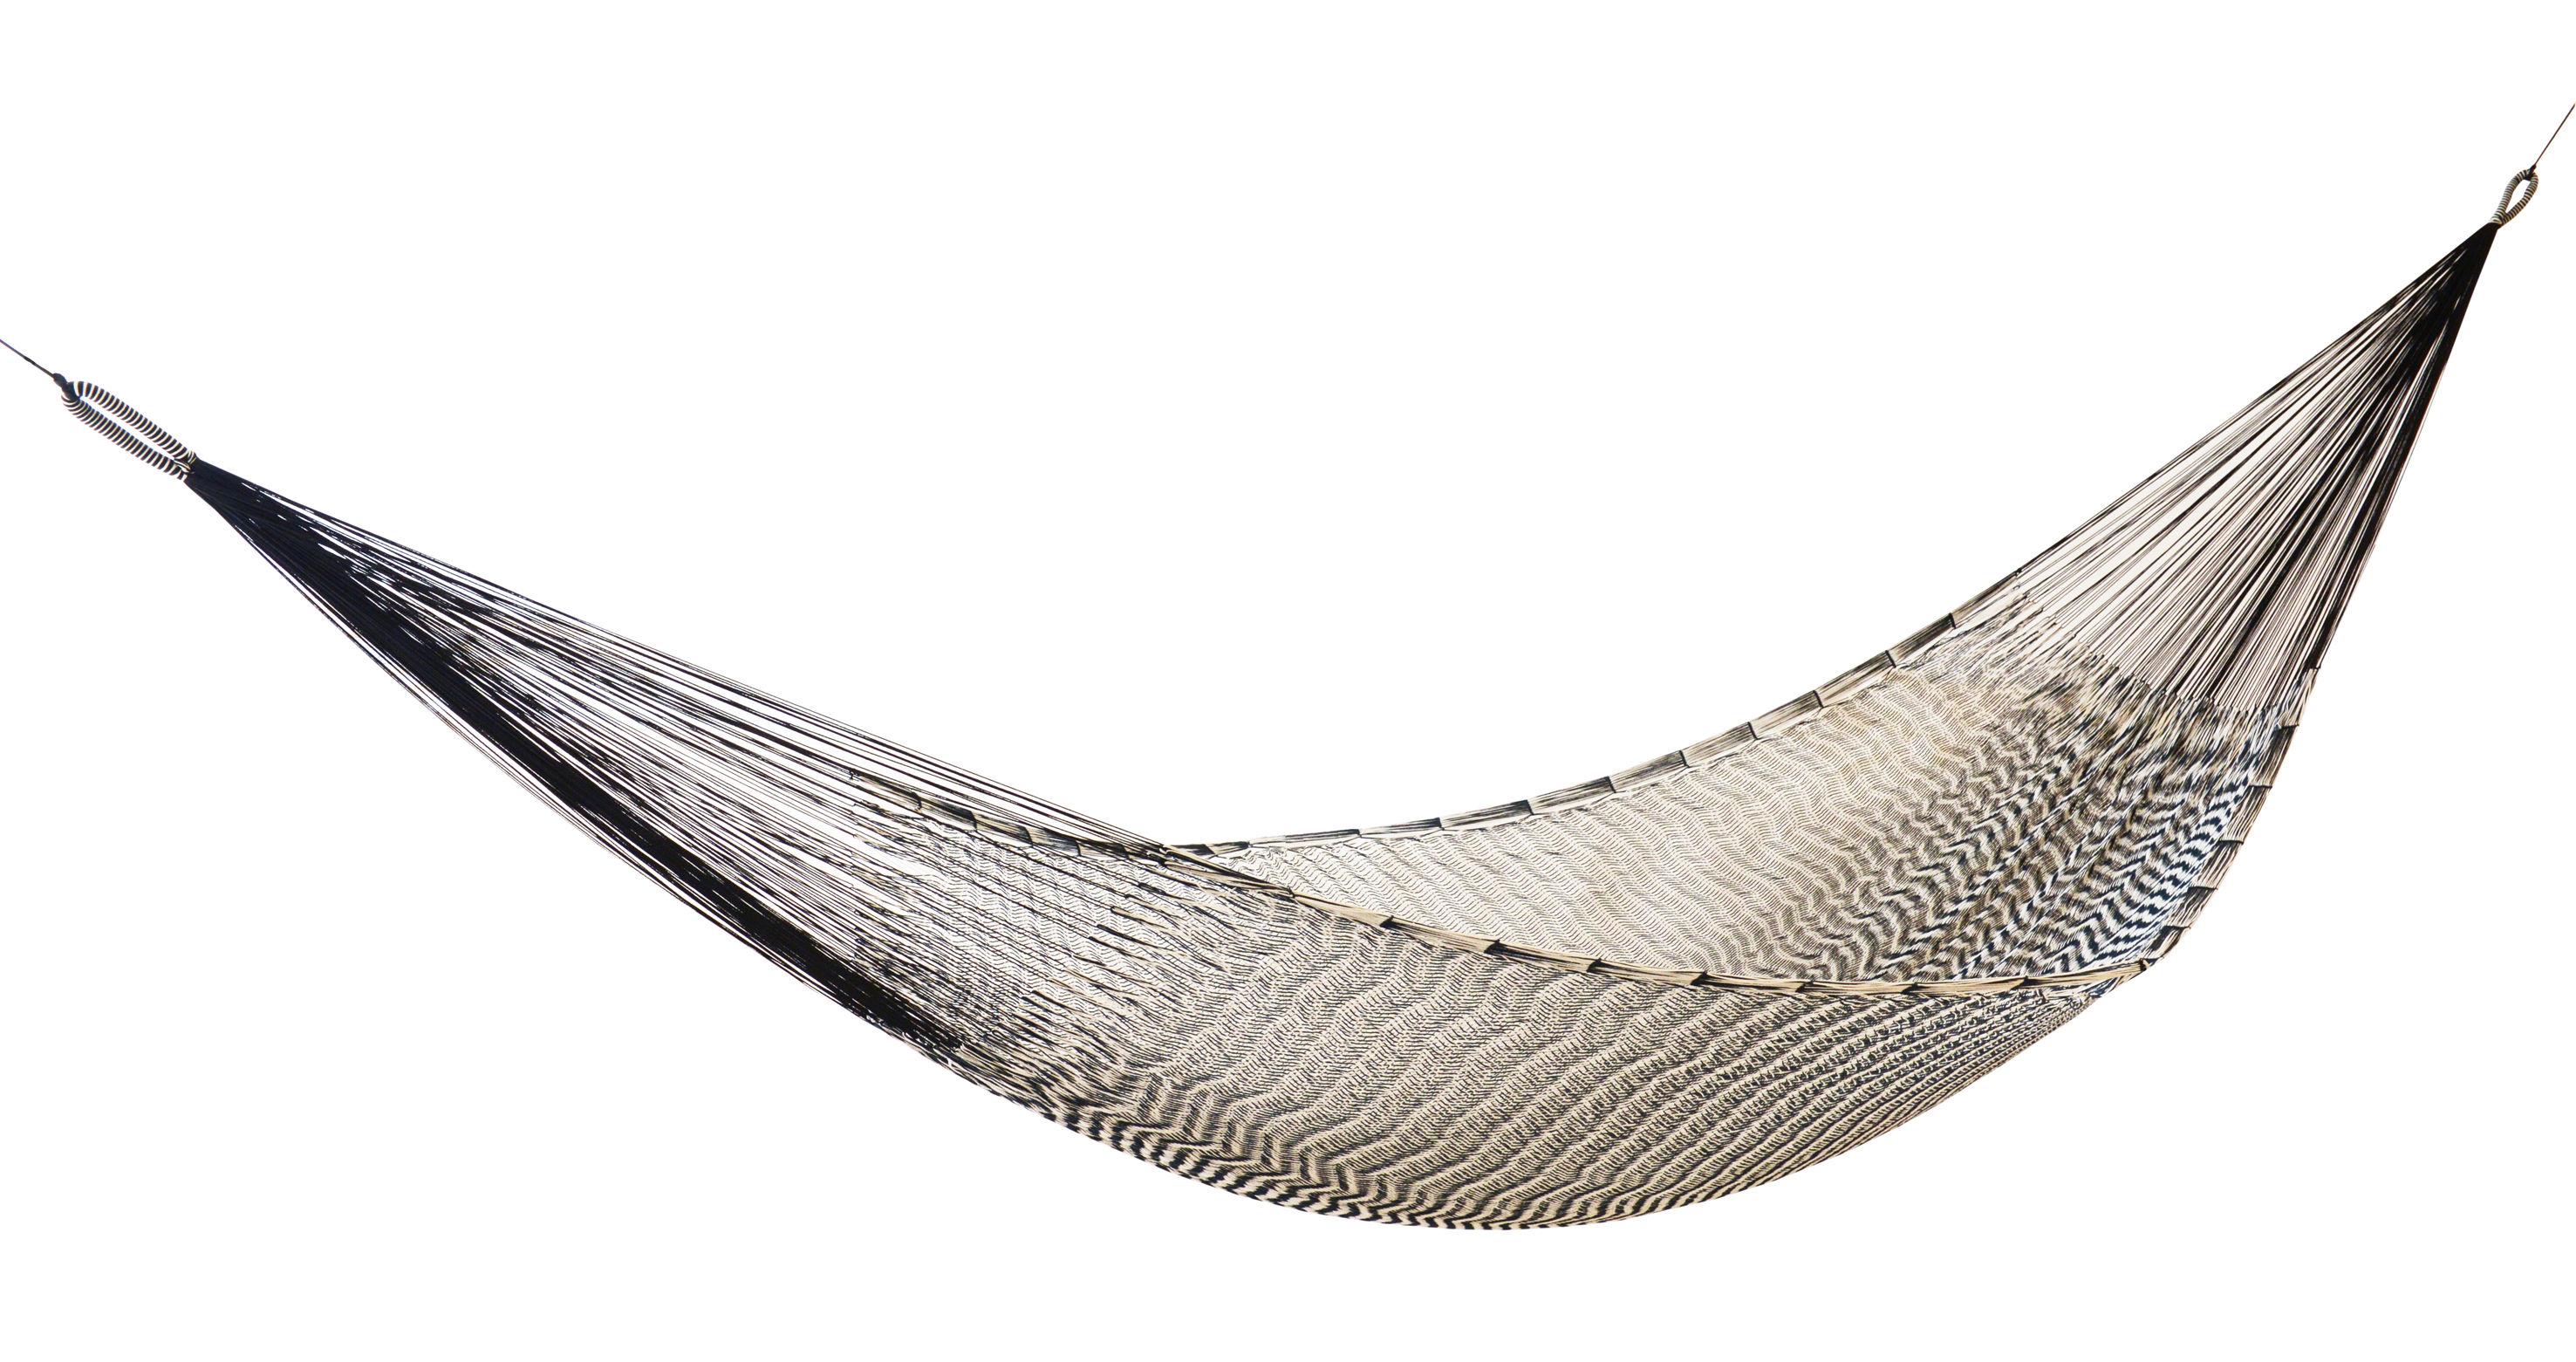 Outdoor - Chaises longues et hamacs - Hamac Ama / Tissé main au Mexique - OK Design pour Sentou Edition - Noir & blanc - Coton, Nylon